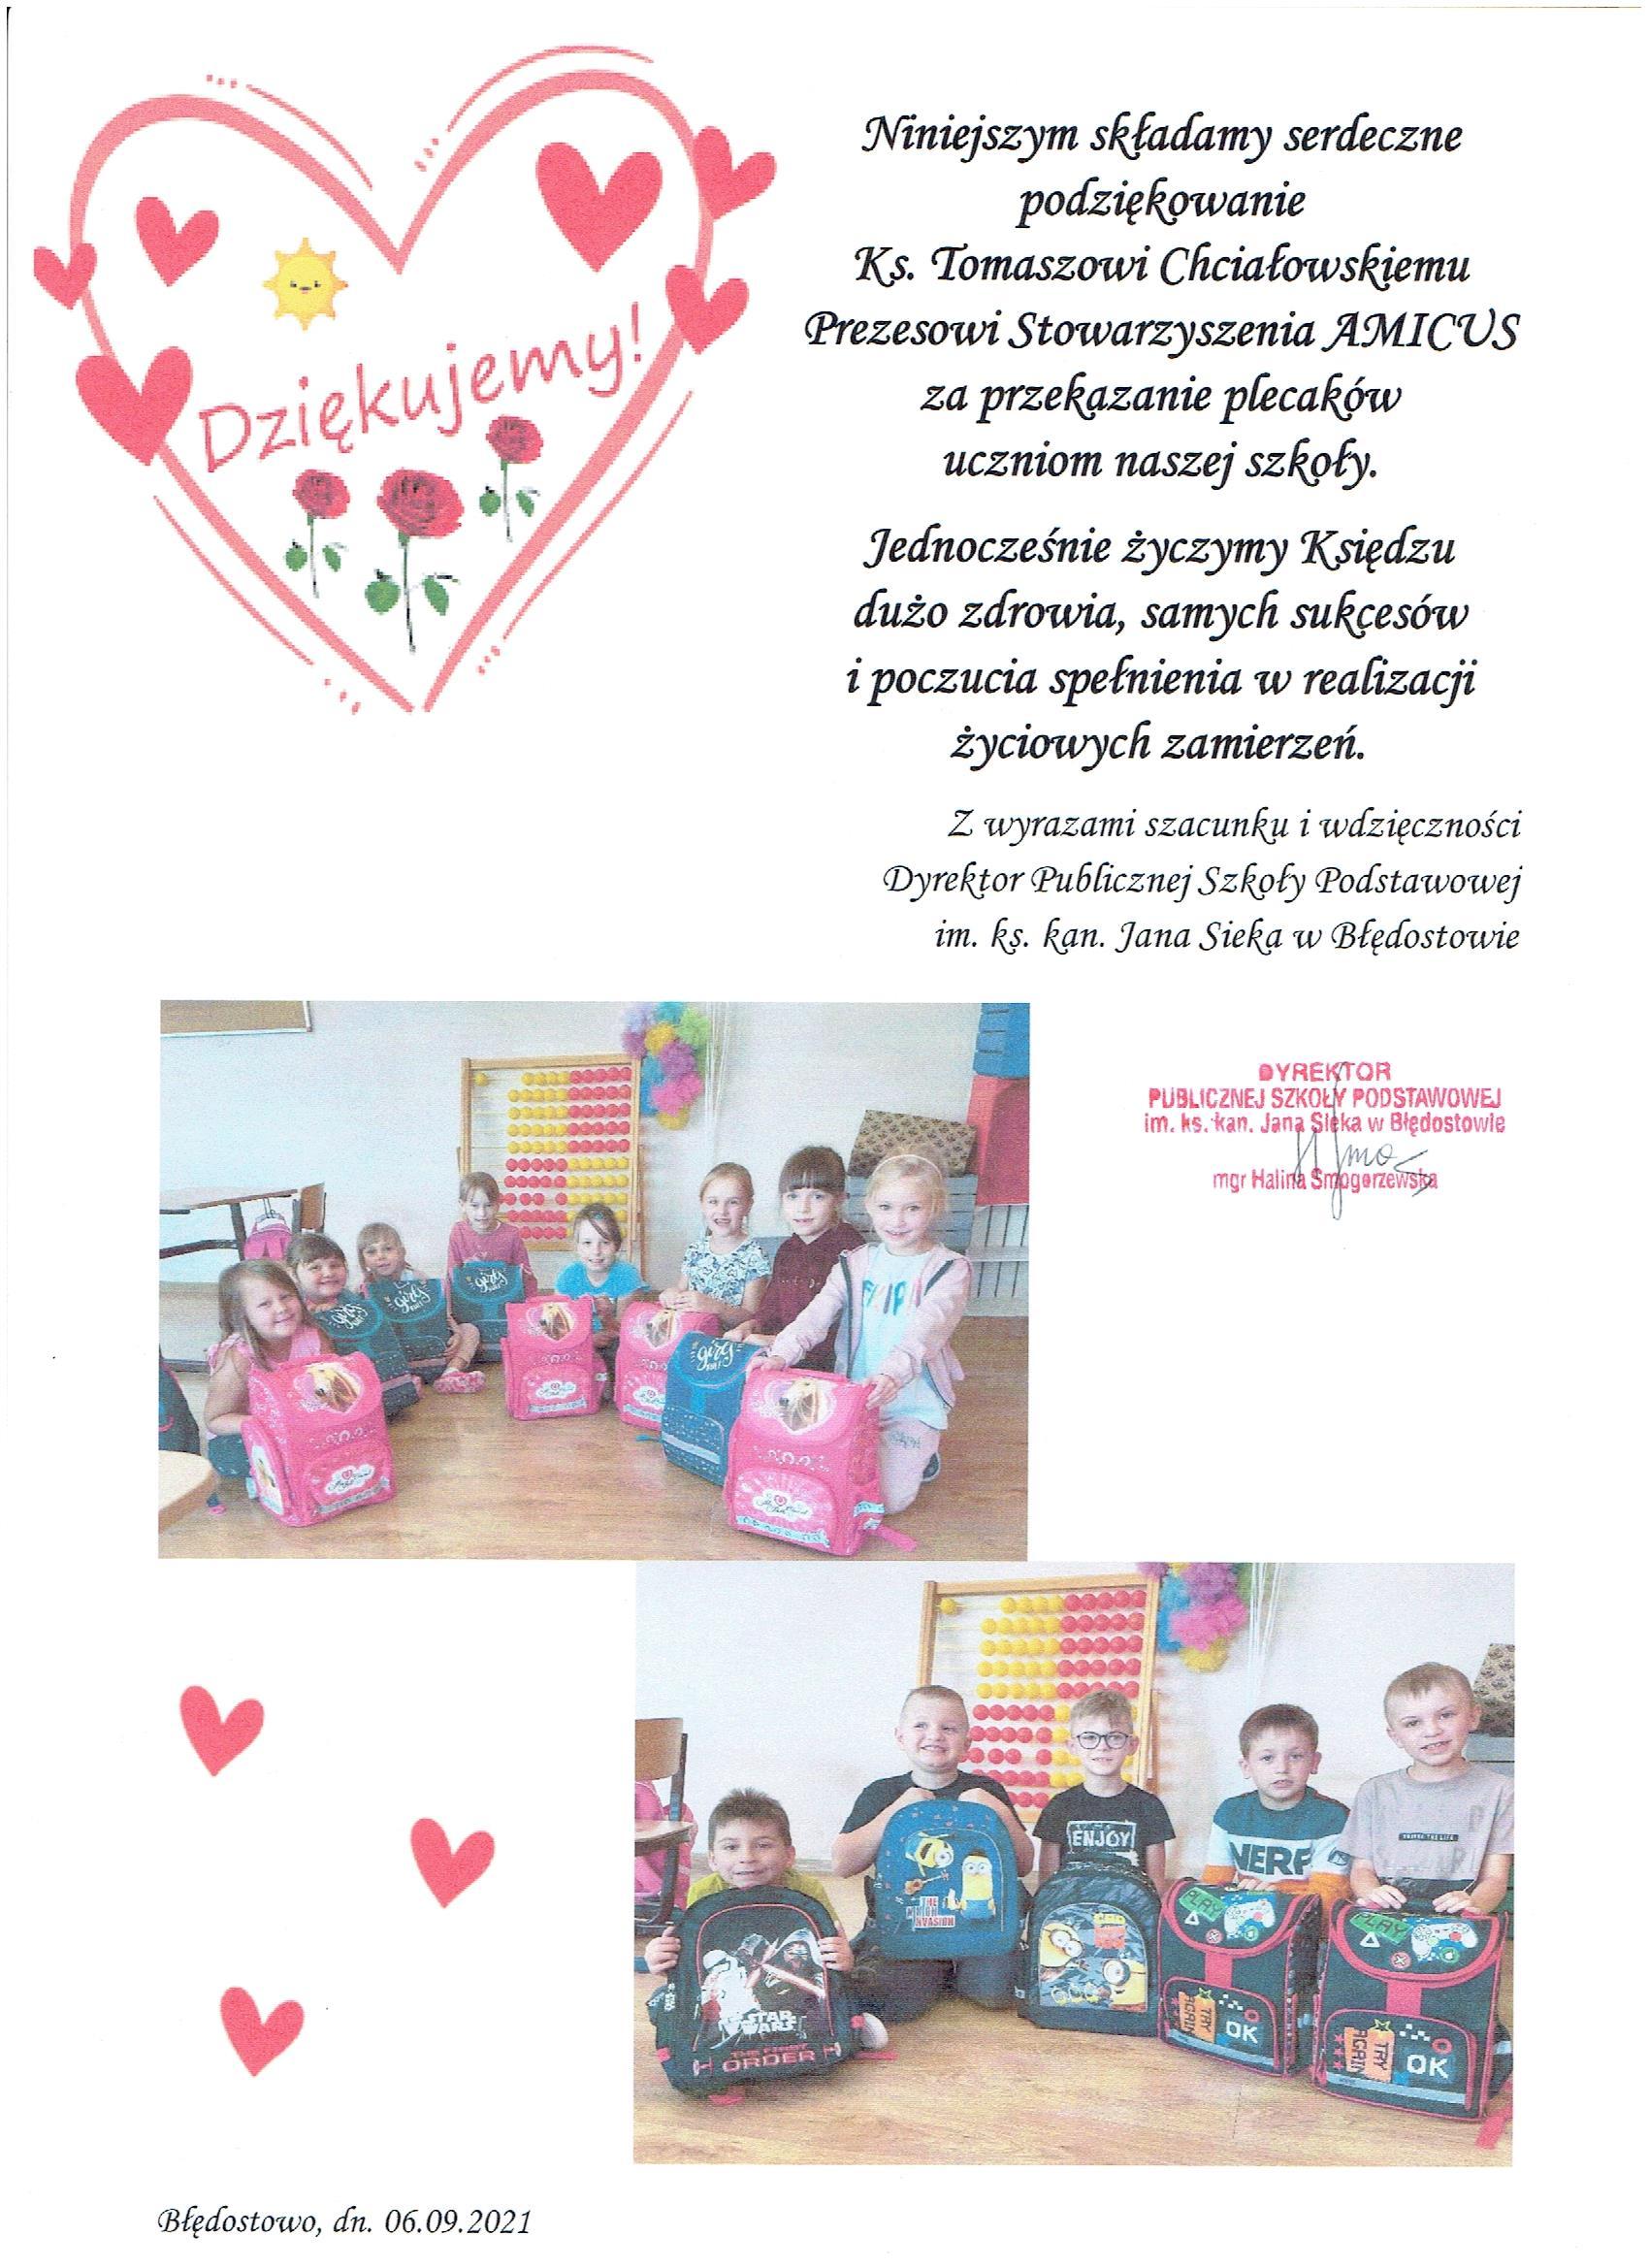 Podziękowania od dzieci z Litwy i z Błędostowa